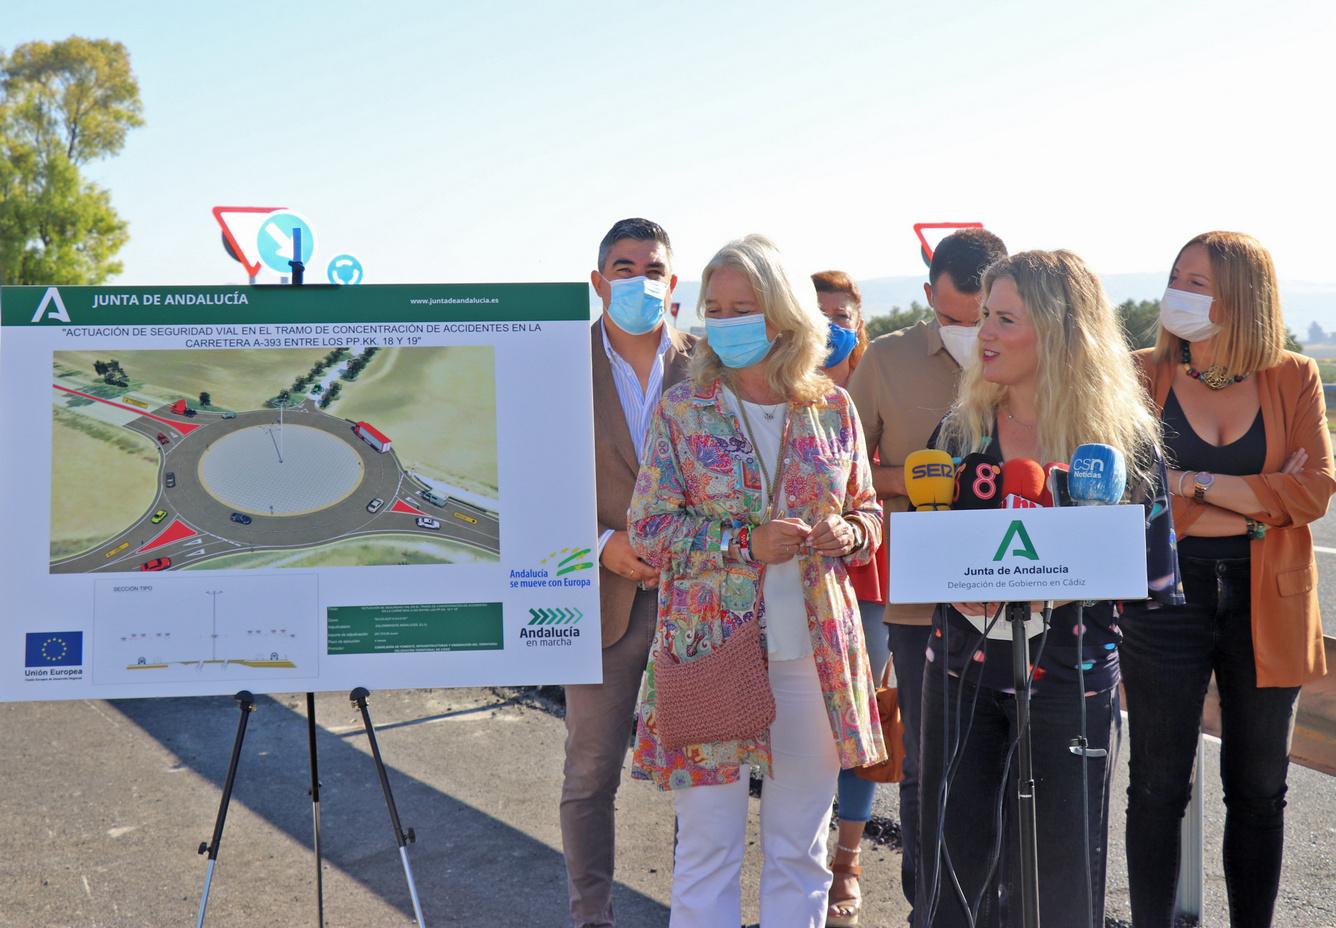 Inaugurada la rotonda de la carretera A-393, que conecta Arcos y Espera, para acabar con un cruce peligroso